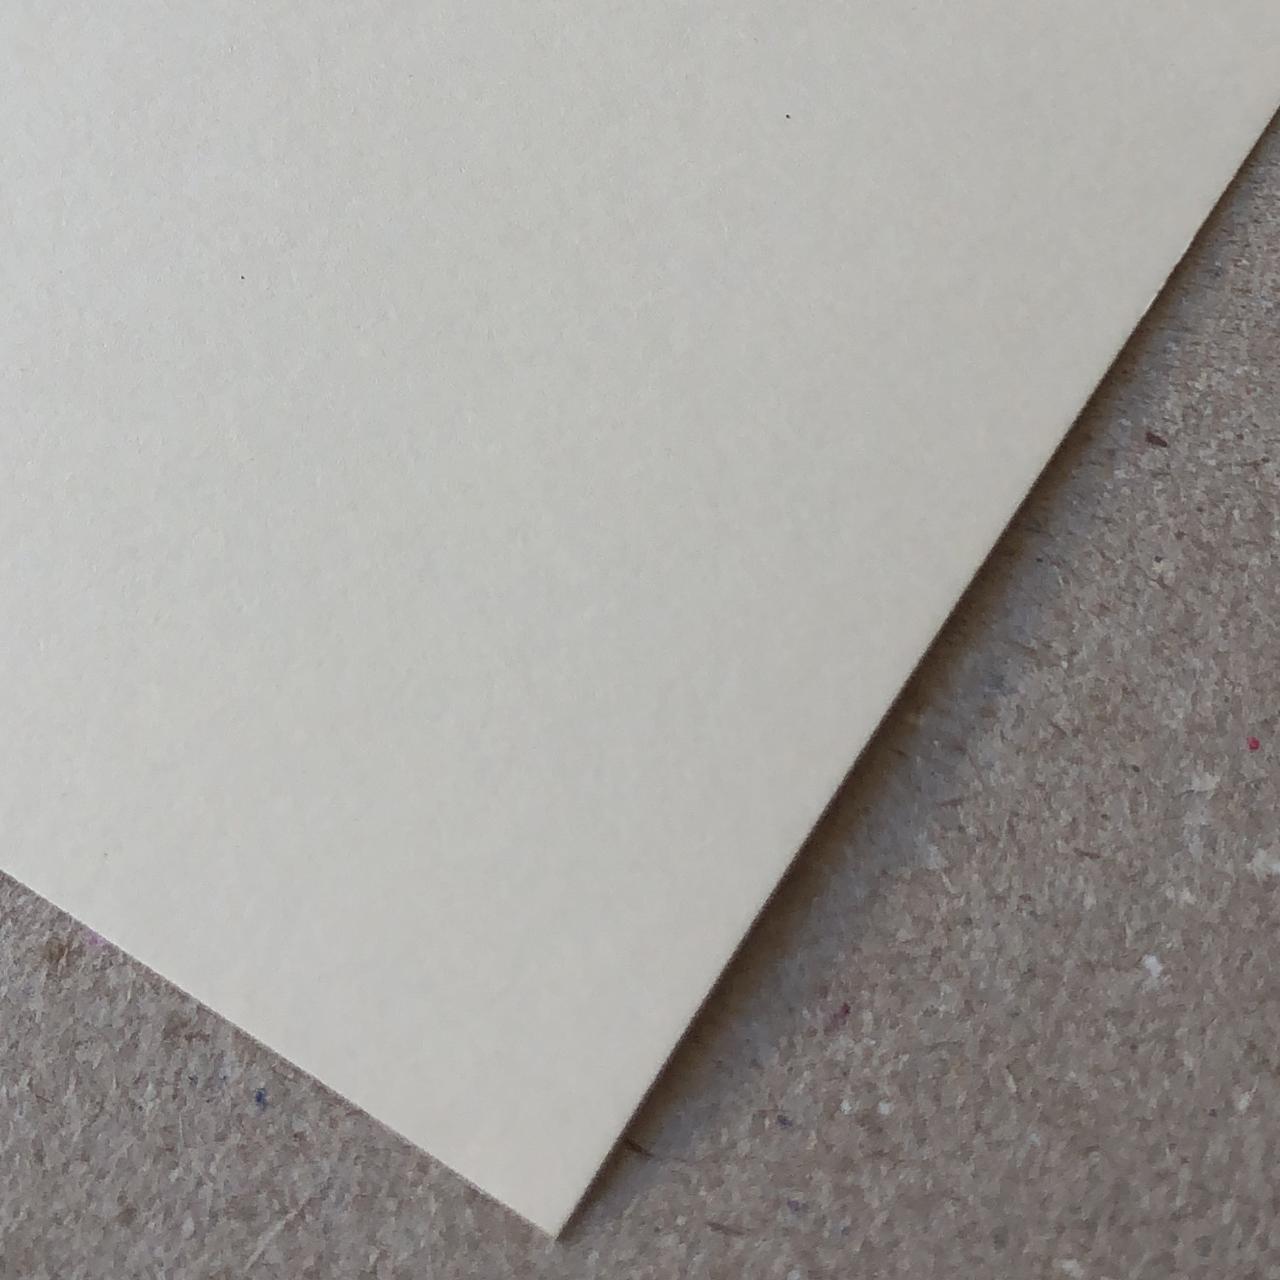 Papel Color Plus - Marfim (Bege) 180 g/m² - 30,5 x 30,5 cm